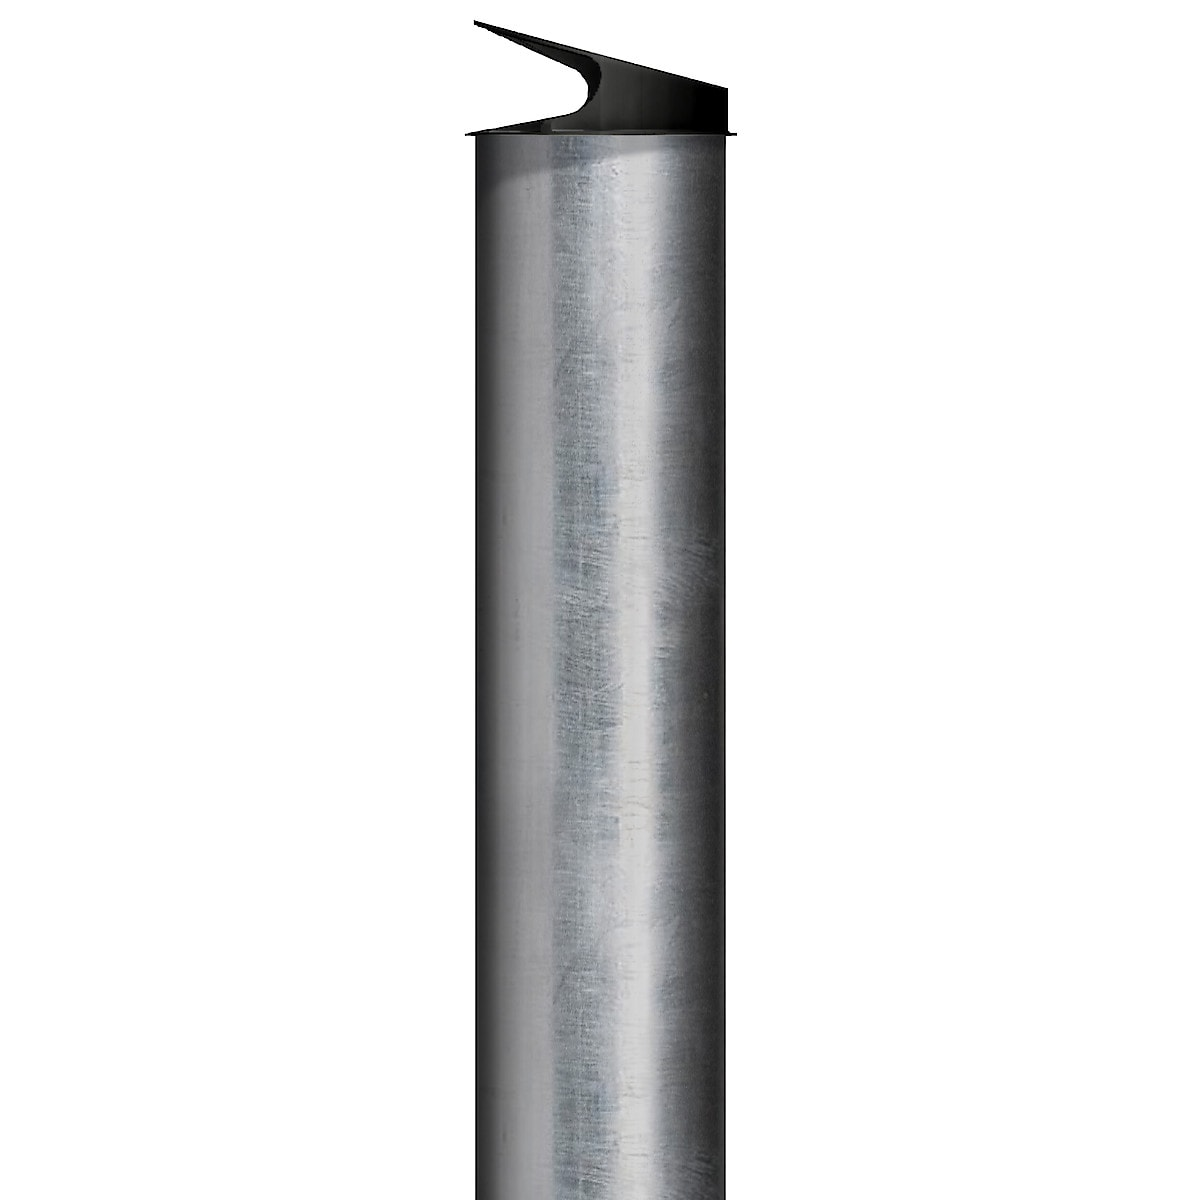 Kühlrohr für Getränke